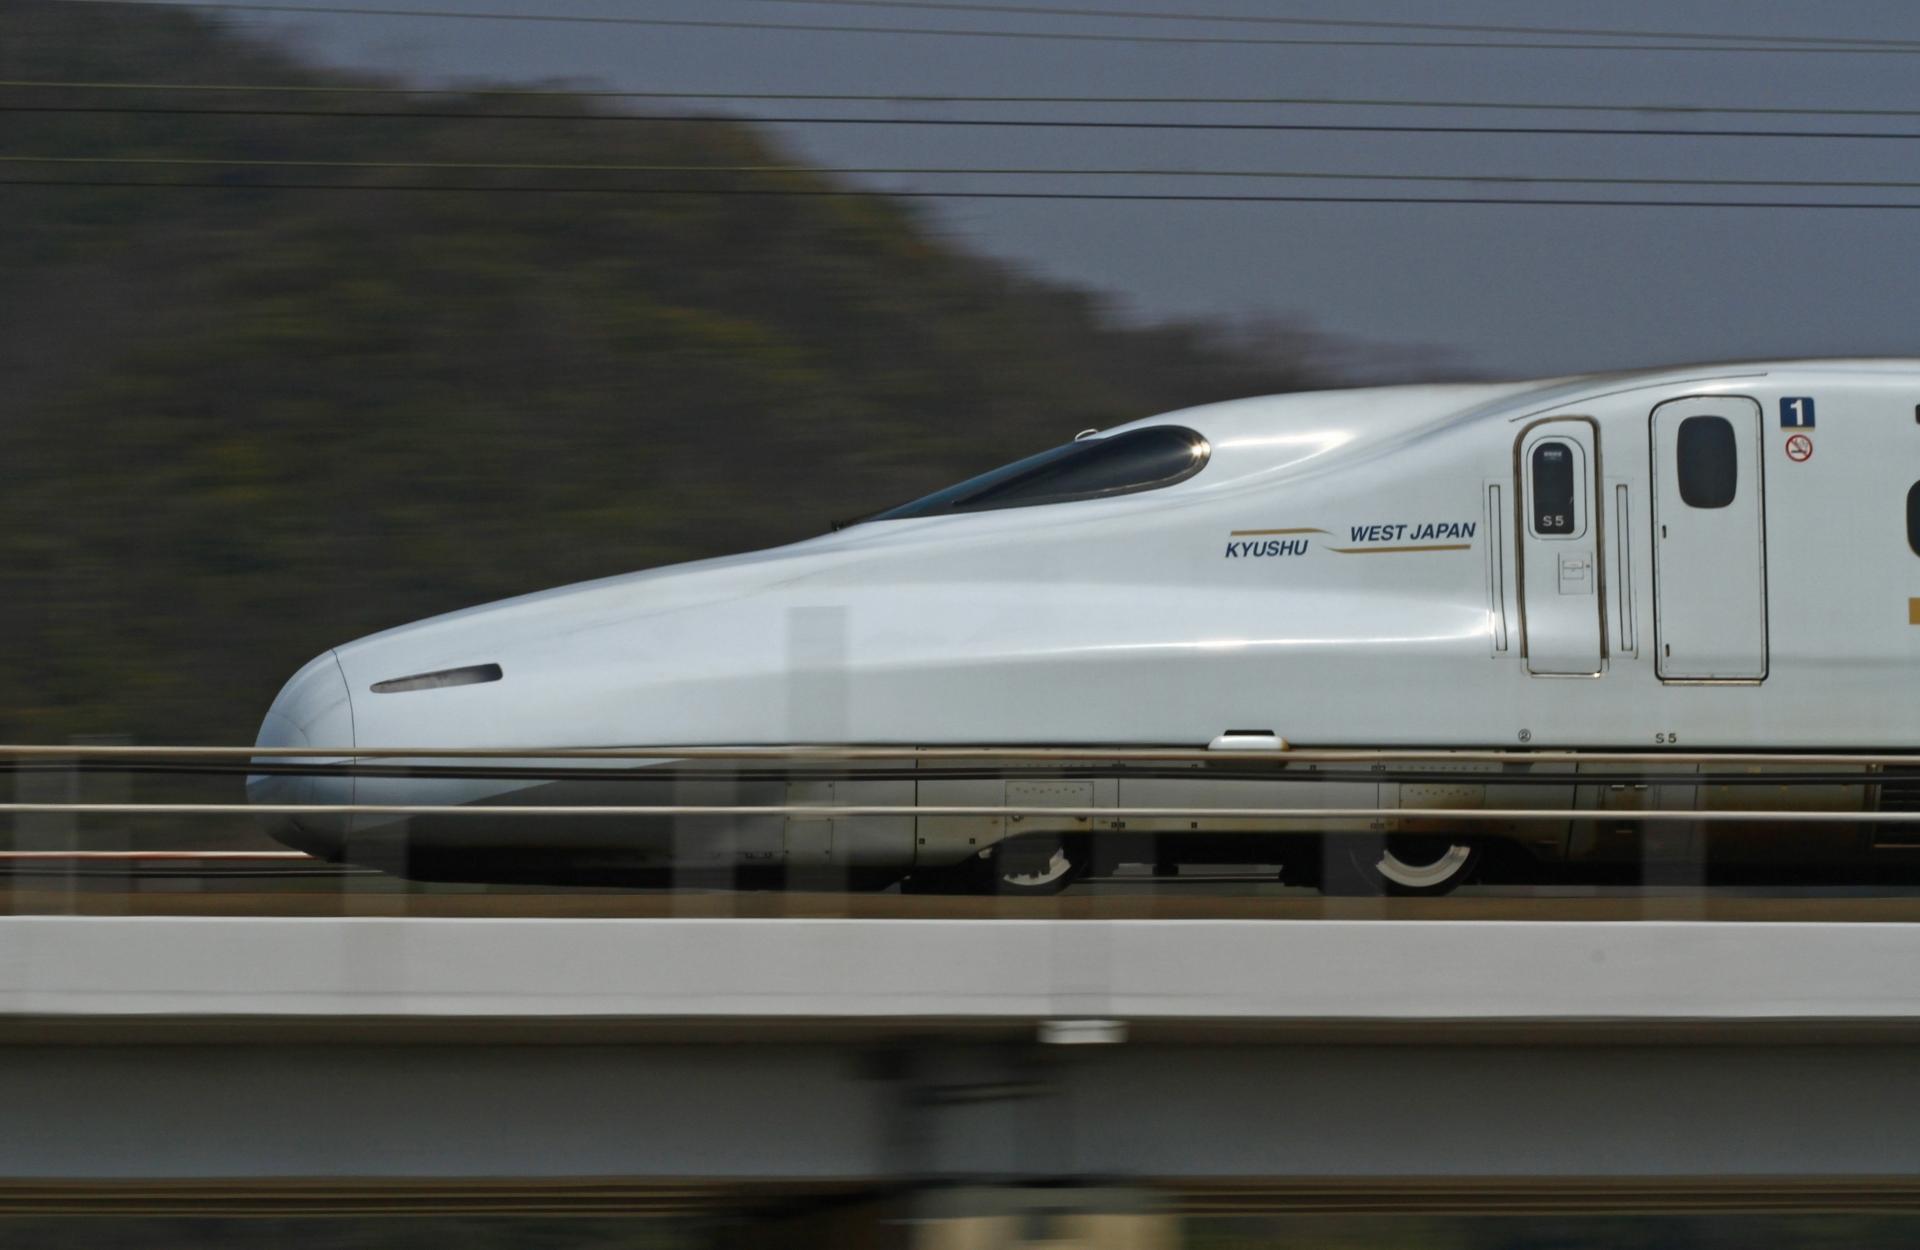 【山陽新幹線事故】人身事故でも新幹線の安全性がスゴかった件